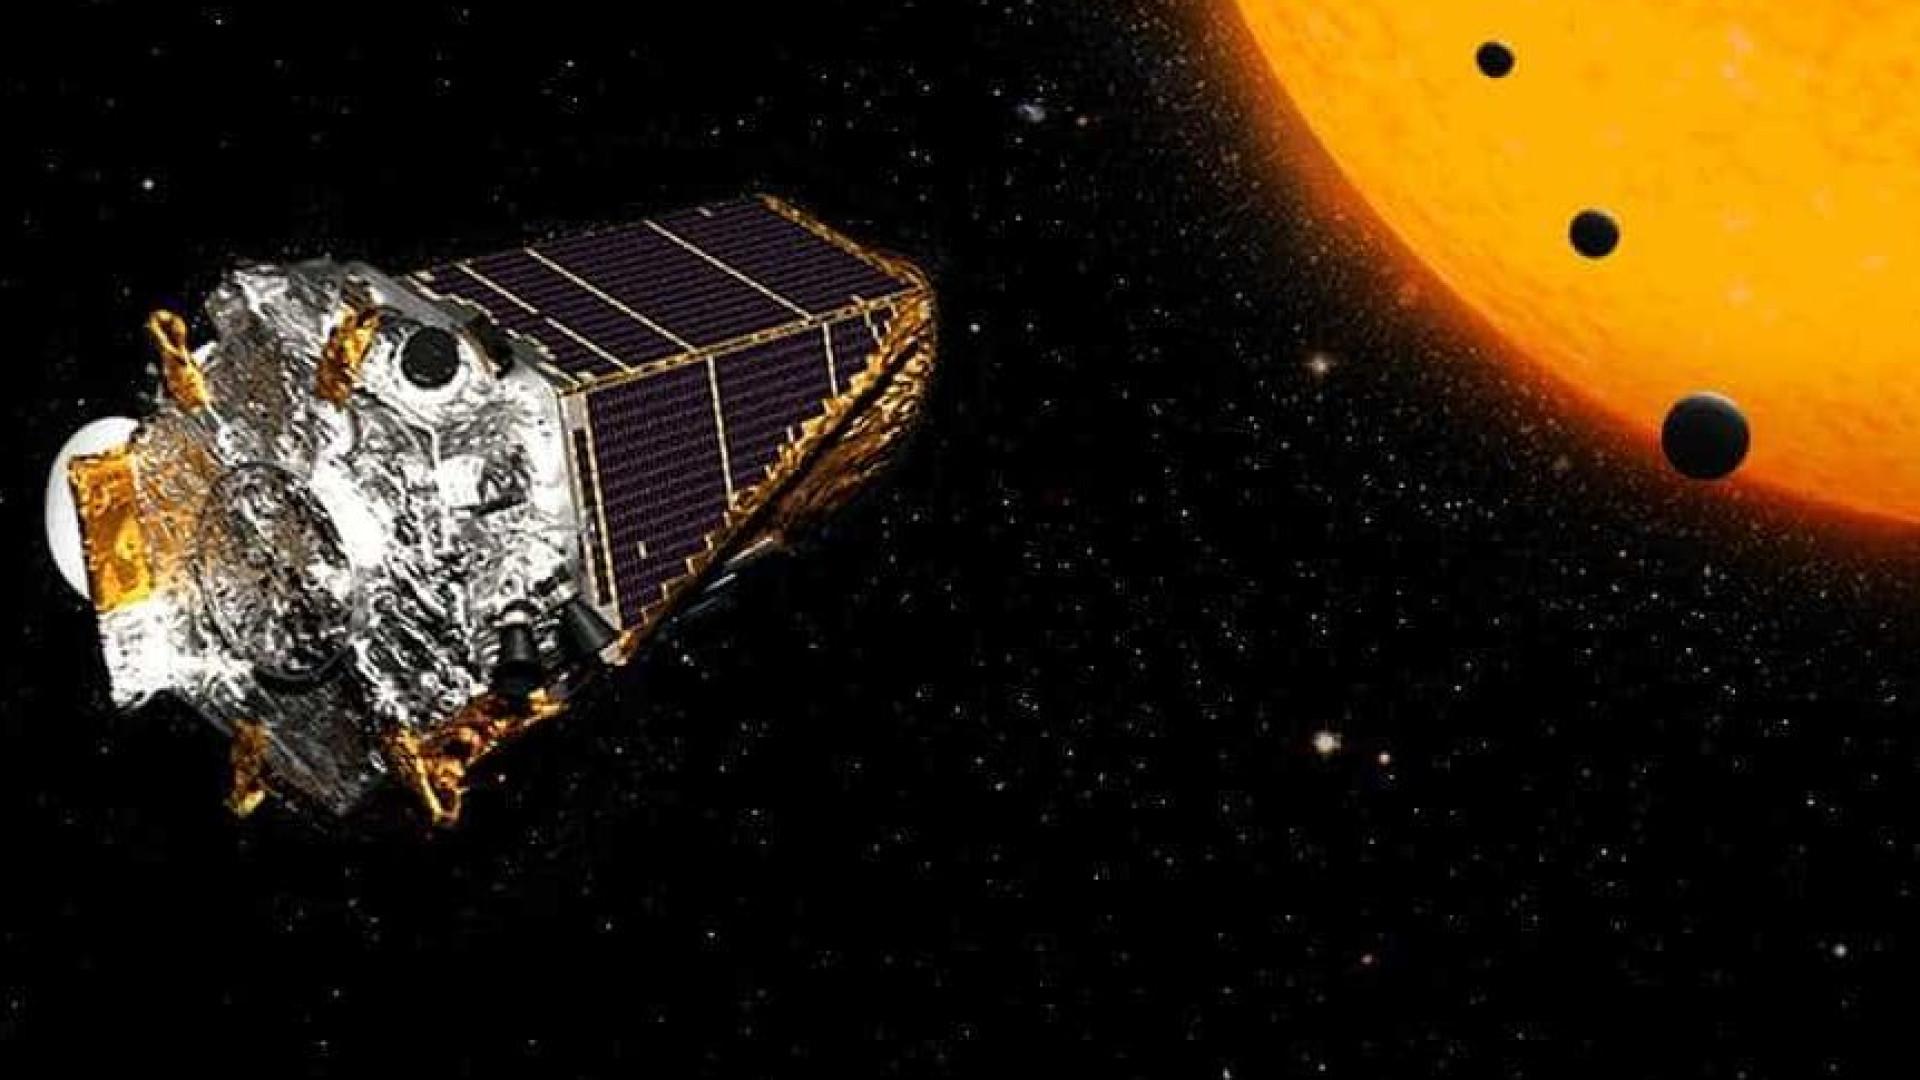 O 'caçador de planetas' da Nasa voltou para uma nova missão